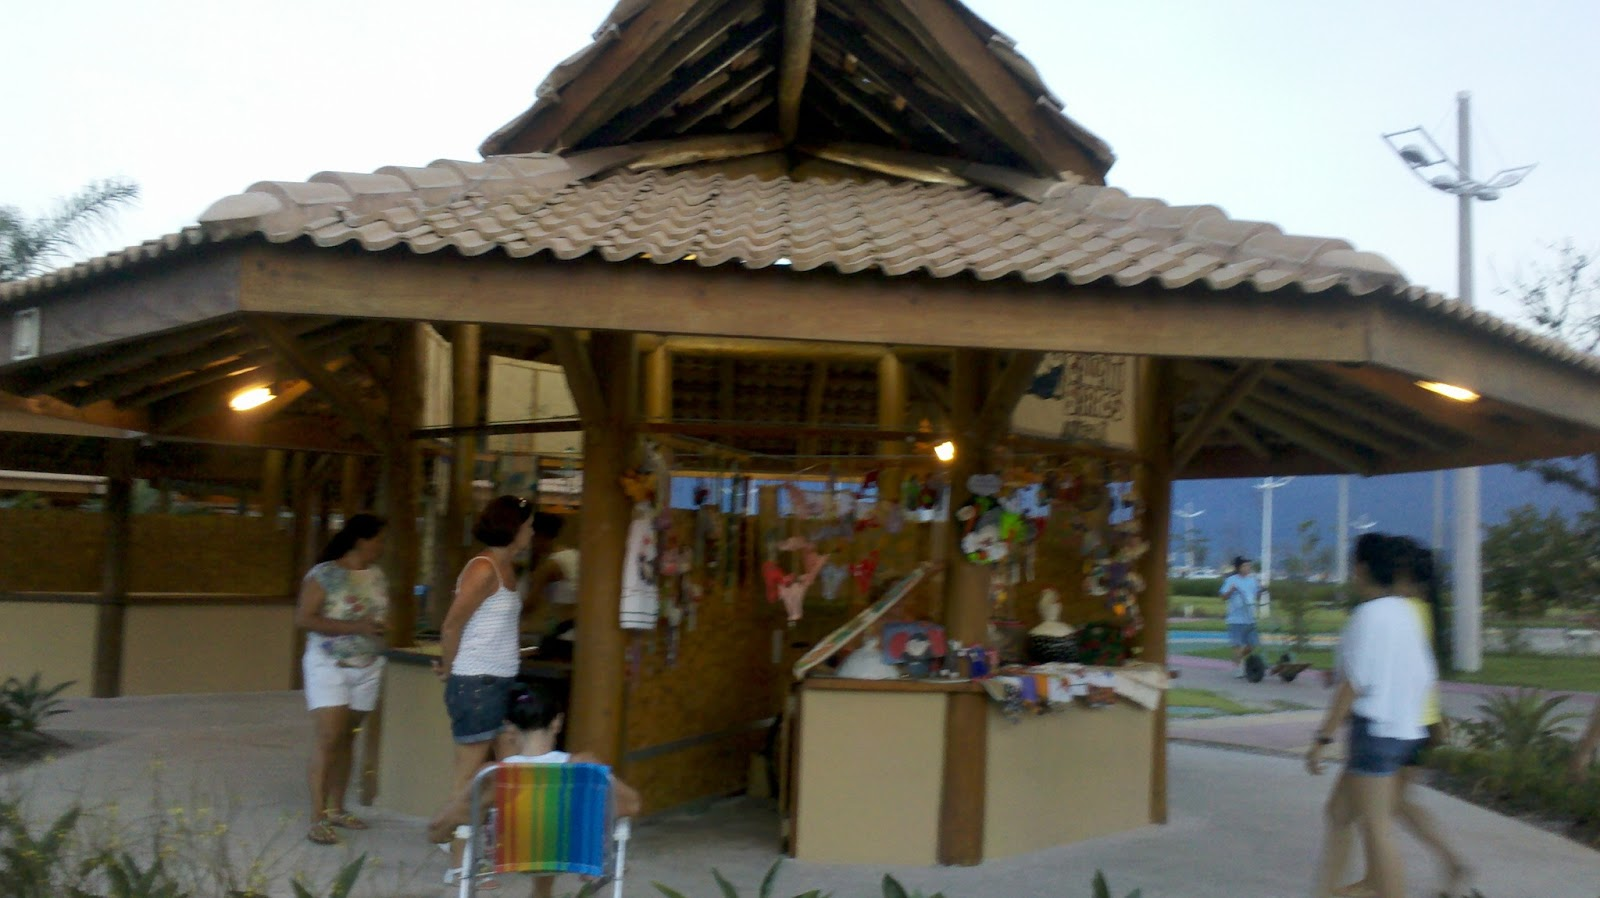 Aparador Inox Madeira ~ Feira de Artesanato de Ubatuba u2013 Mudar ou n u00e3o mudar? ~ PT Ubatuba Aqui voc u00eaé a estrela